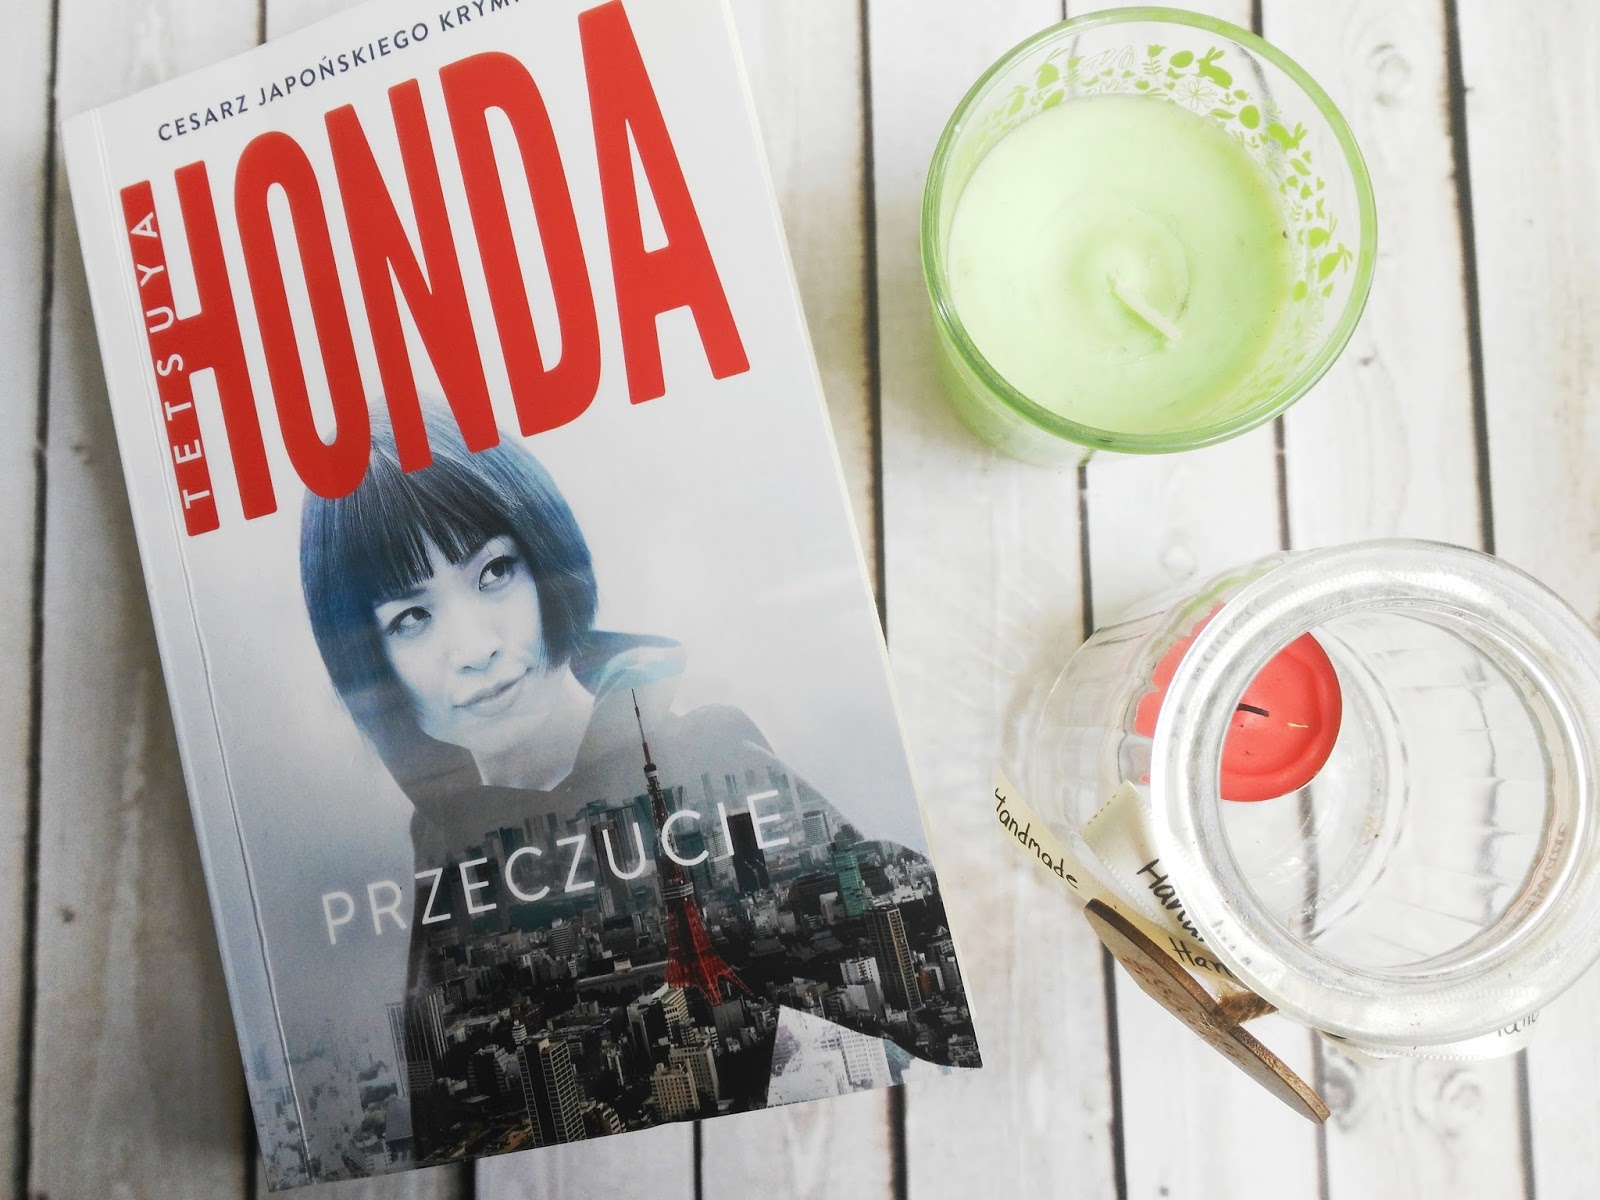 Tetsuya Honda Przeczucie - recenzja przedpremierowo